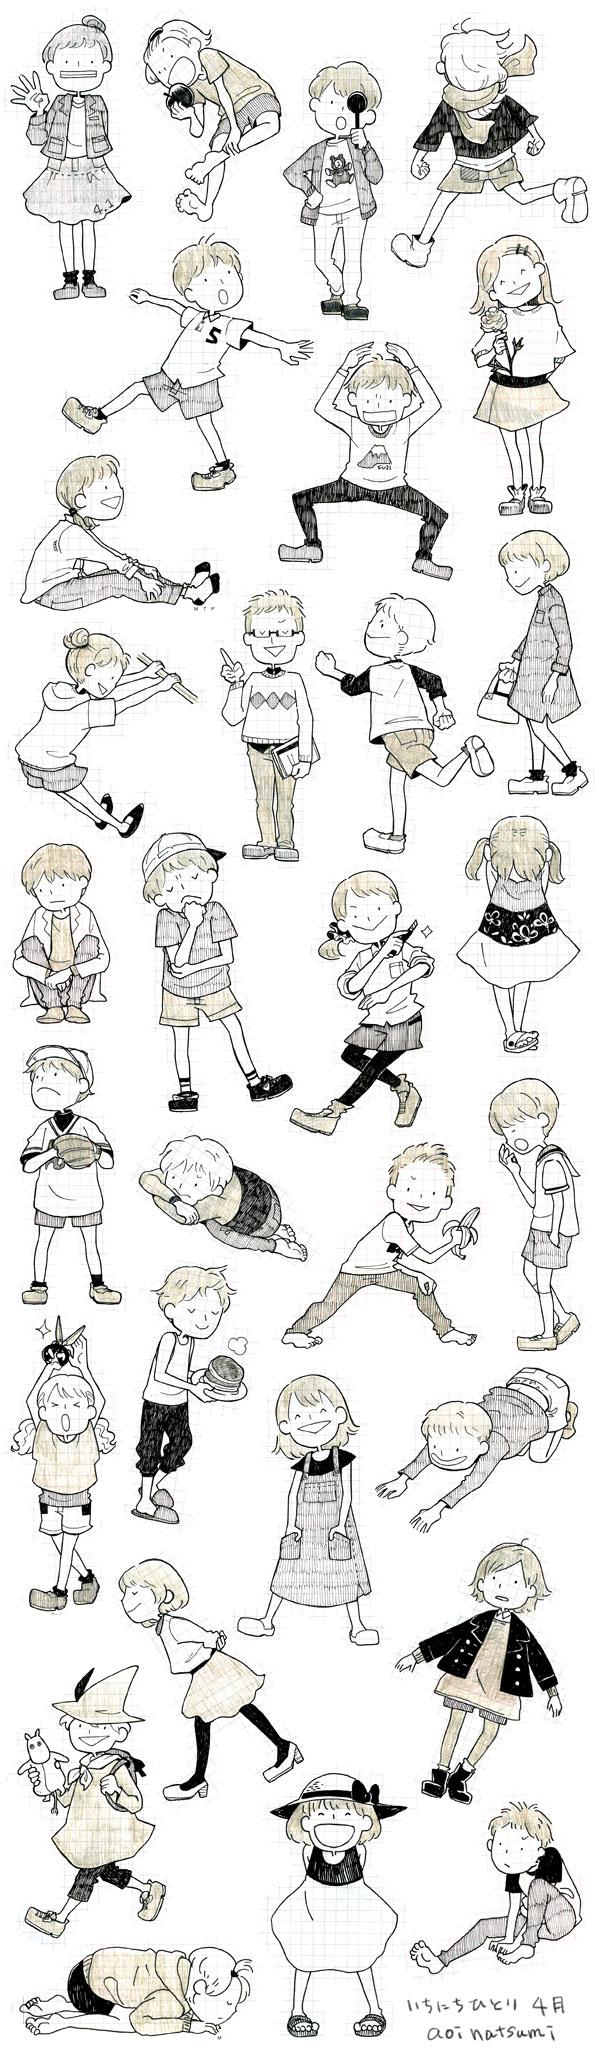 ichinichi-hitori_04.jpg